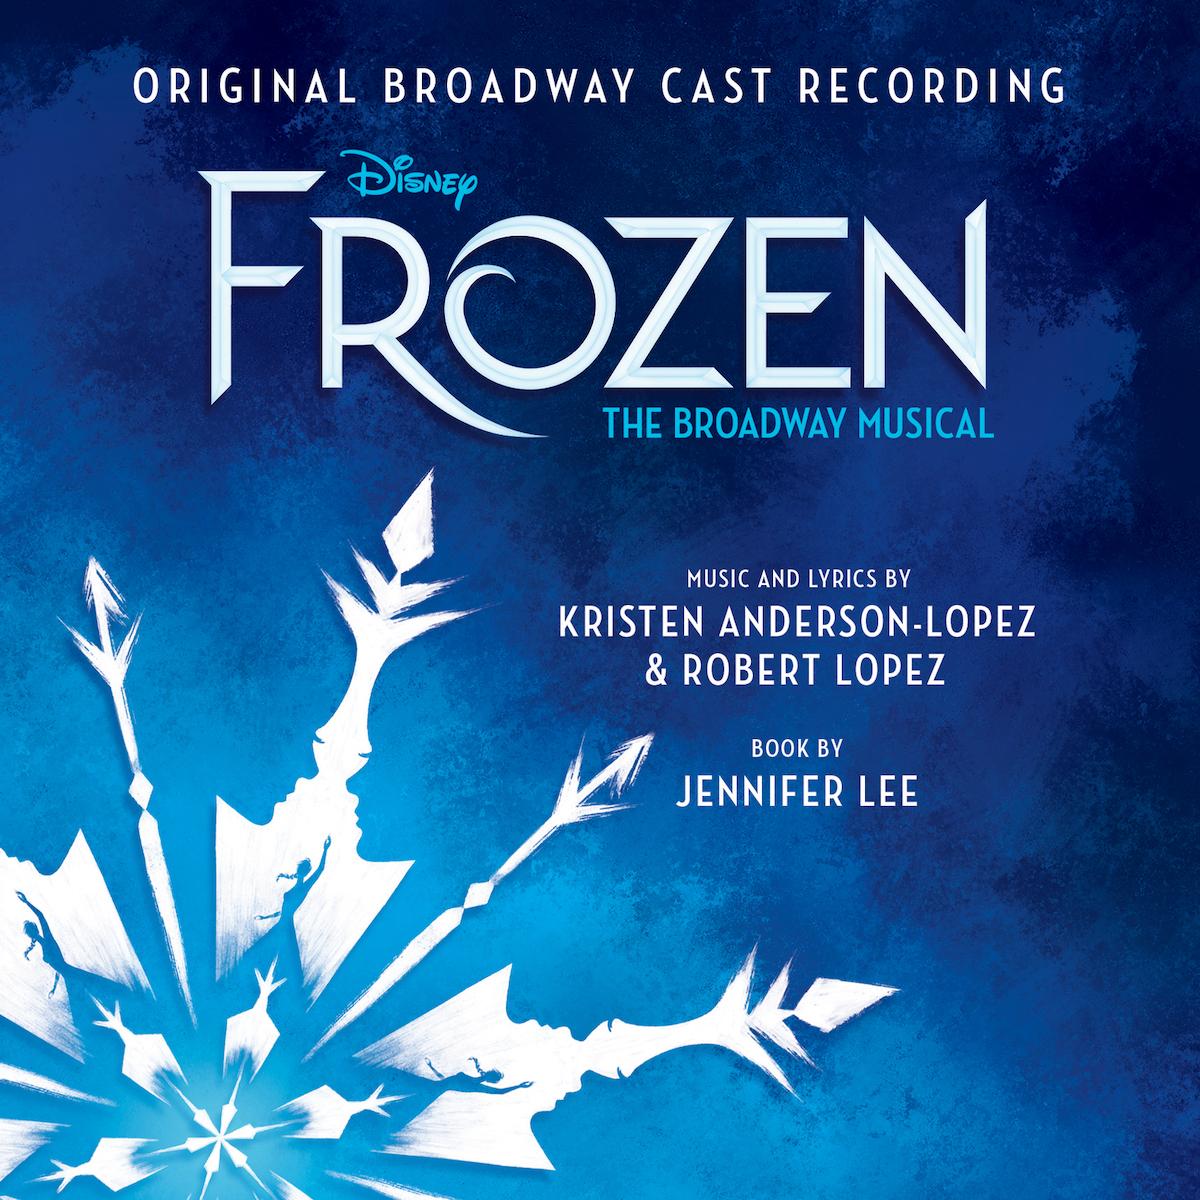 アナと雪の女王 ブロードウェイ・ミュージカル版』ジャケット(© Disney)